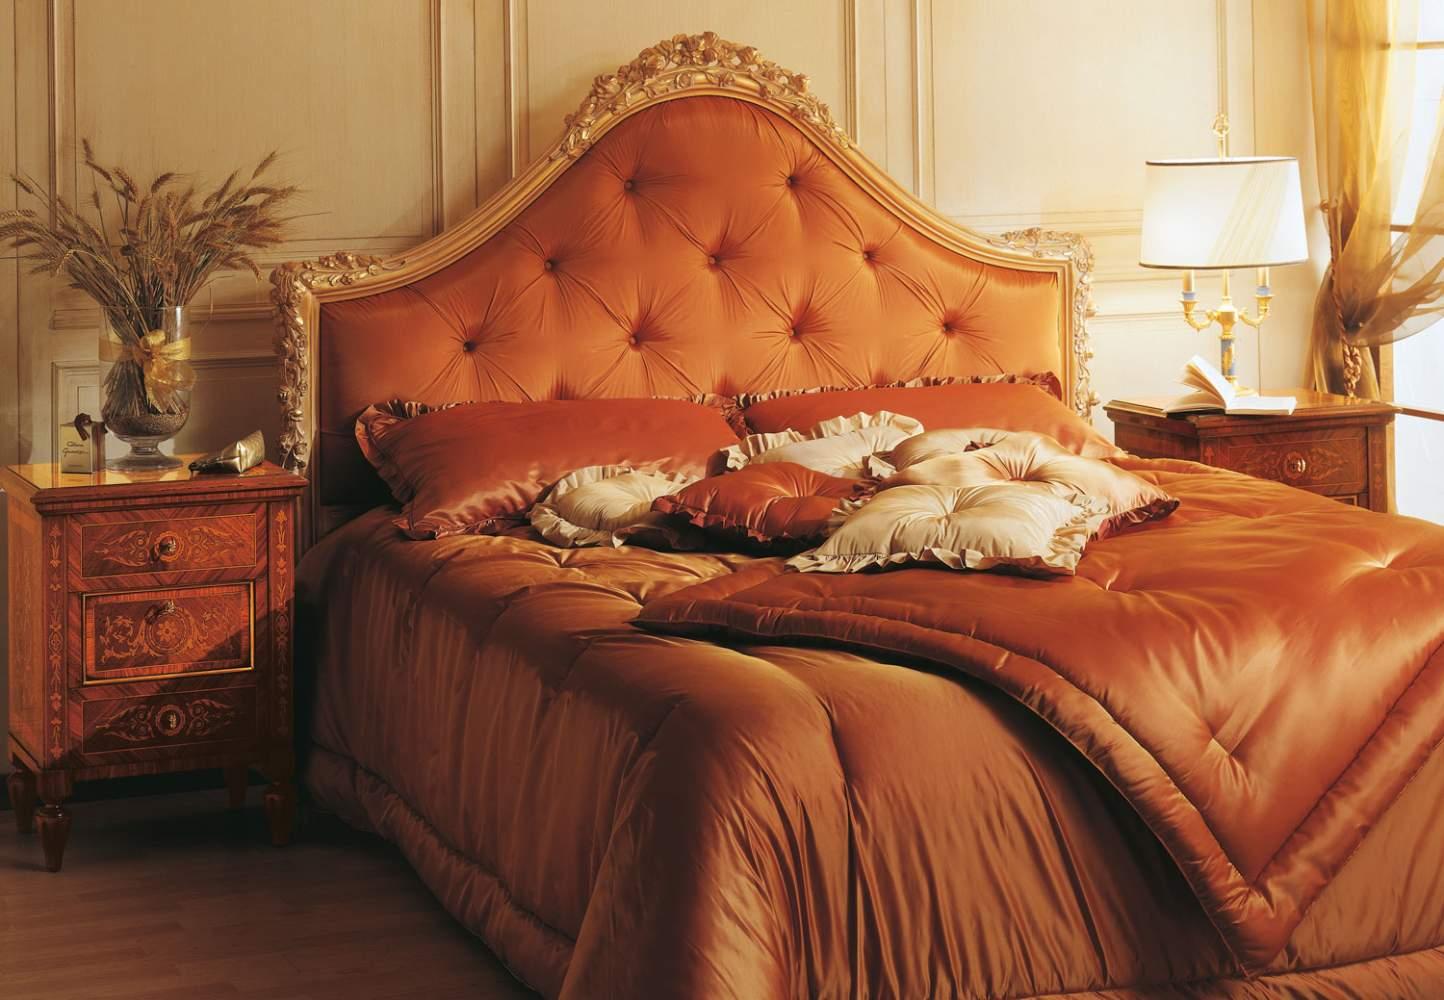 Camera da letto intarsiata della collezione Maggiolini, in legno di noce con intarsi in palissandro